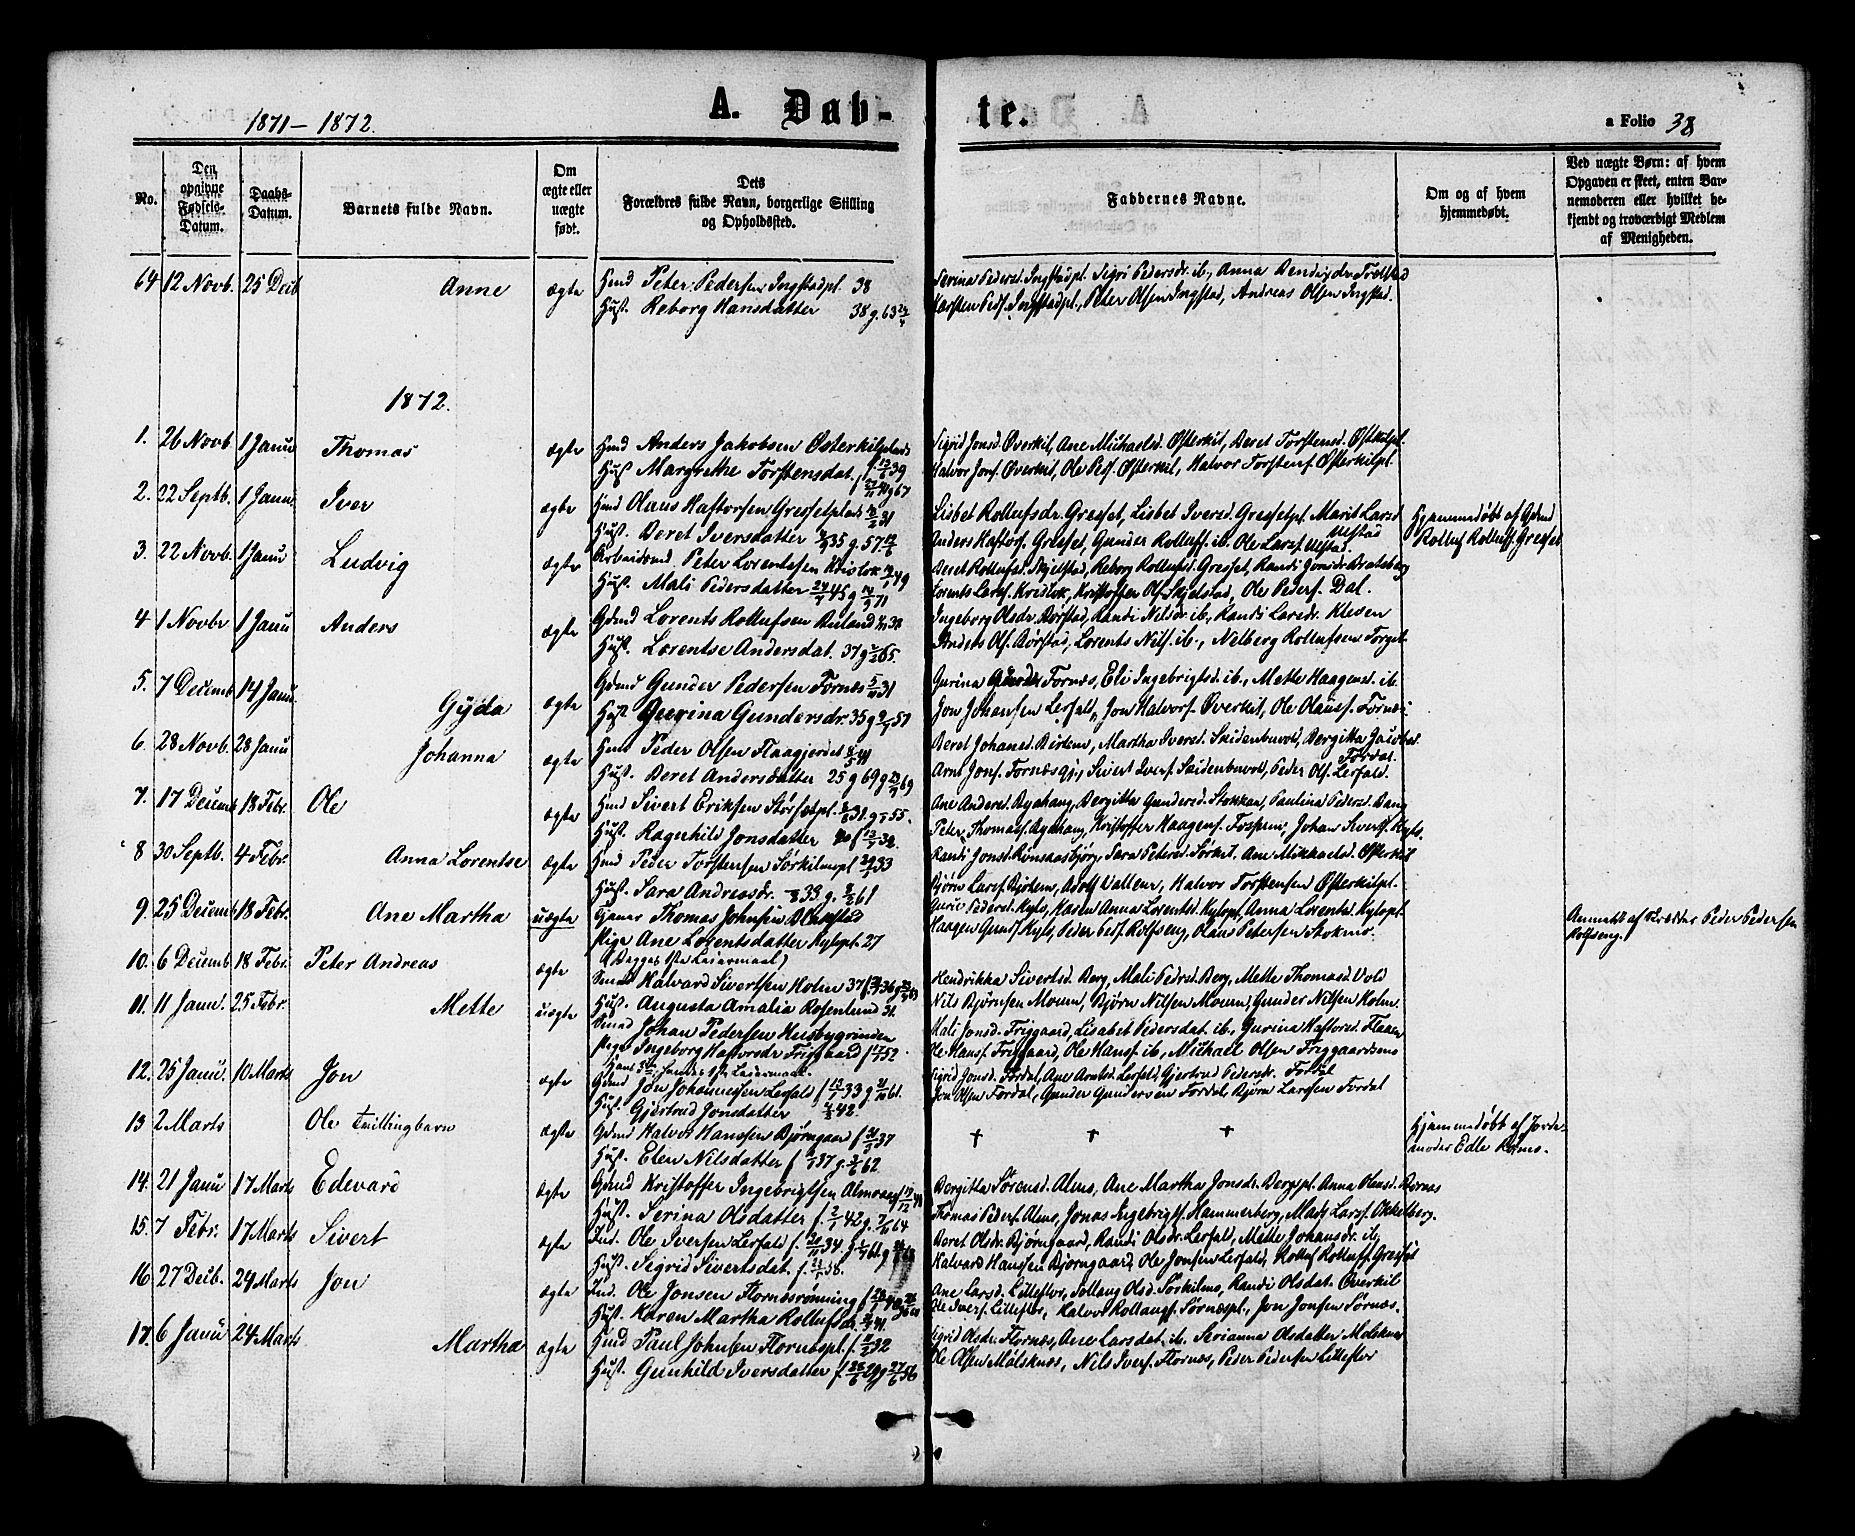 SAT, Ministerialprotokoller, klokkerbøker og fødselsregistre - Nord-Trøndelag, 703/L0029: Ministerialbok nr. 703A02, 1863-1879, s. 38